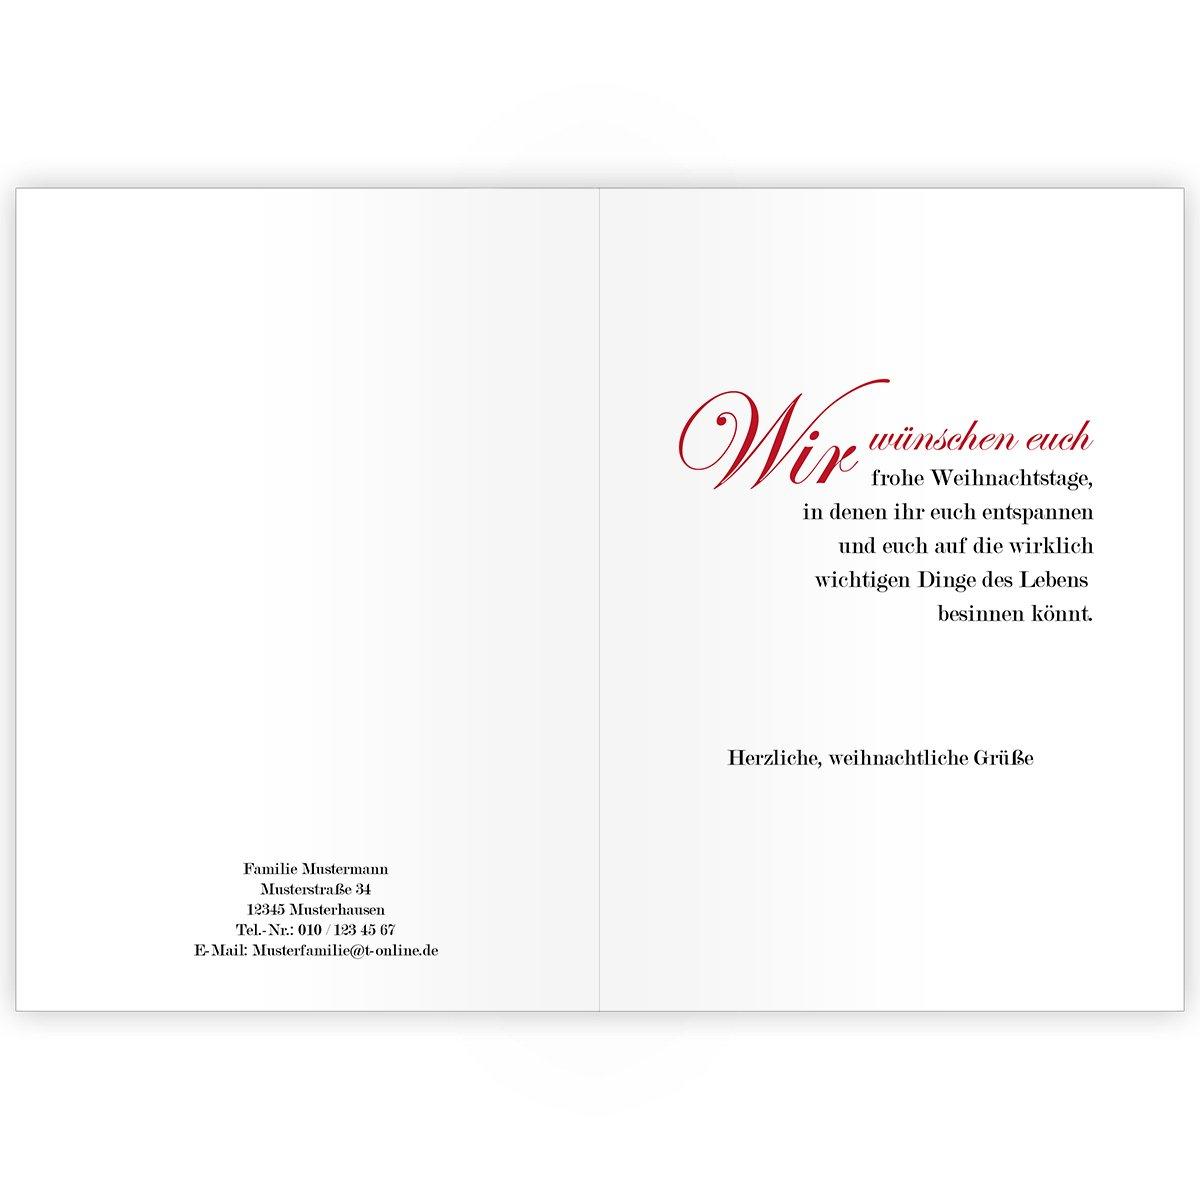 100er Weihnachtskarten Set Edle Unternehmen Weihnachtskarten mit einem einem einem Sprung Rehe, innen blanko  weiß als geschäftliche Weihnachtsgrüße   Glückwunsch zu Neujahr   Weihnachtskarte an Firmenkunden, Geschäftspartner, Mitarbei 8eff17